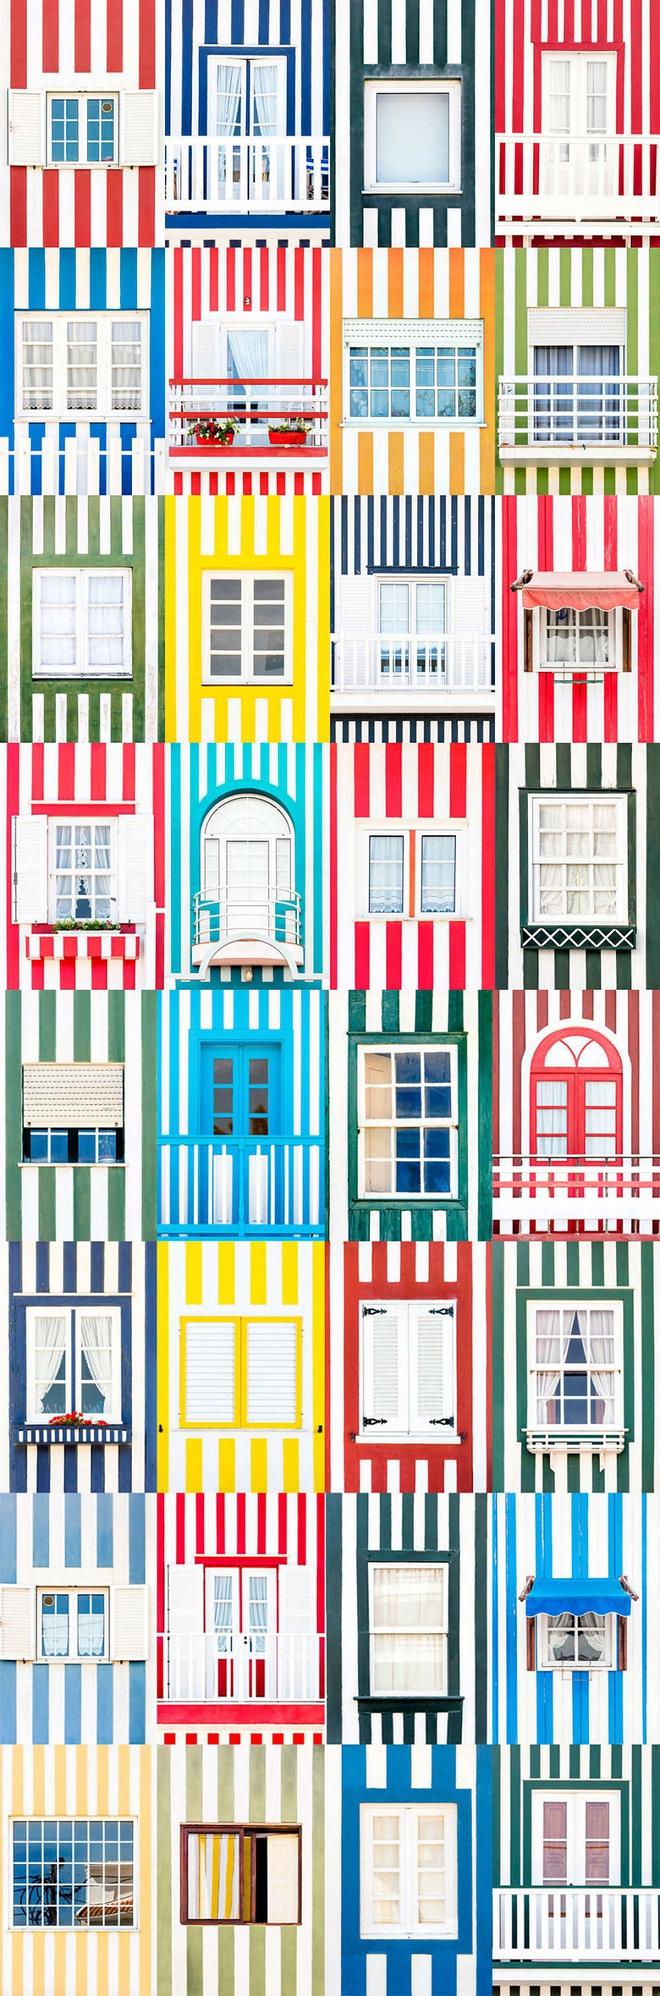 Mãn nhãn với 14 phong cách thiết kế cửa sổ ấn tượng ở Bồ Đào Nha - Ảnh 13.